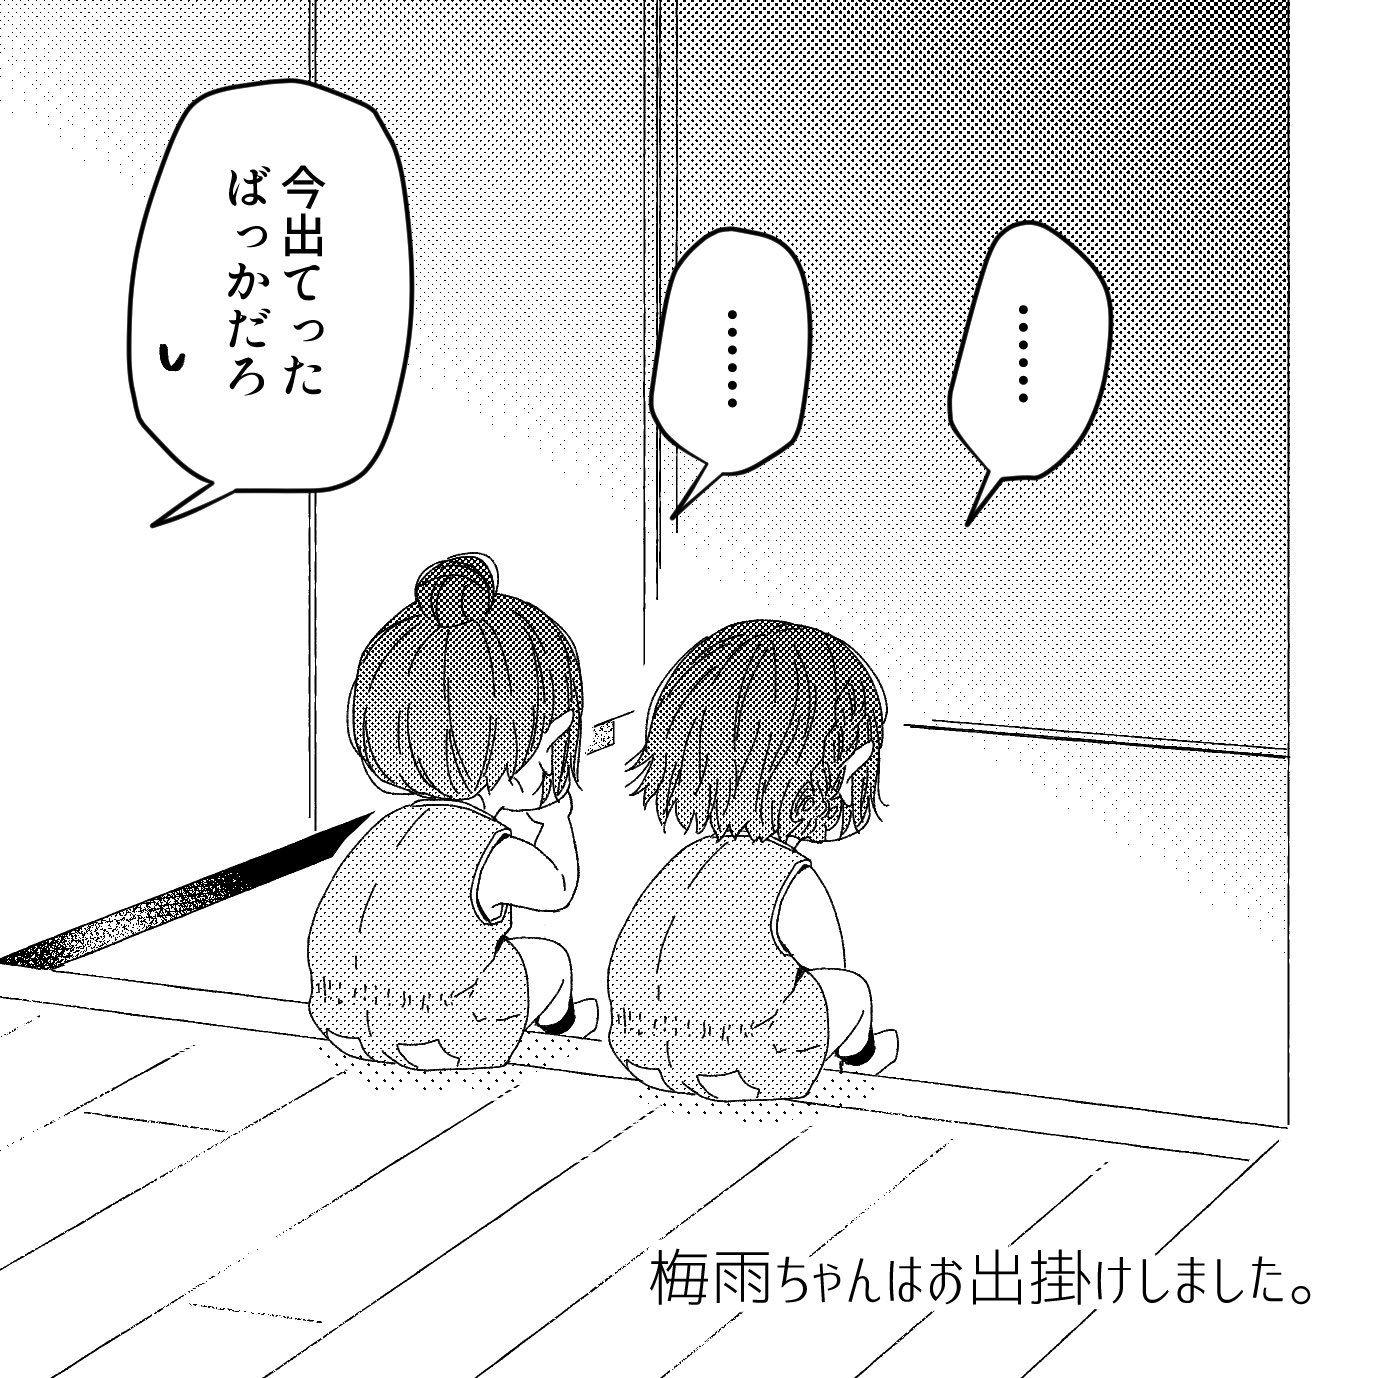 ゲイ 漫画 梅雨